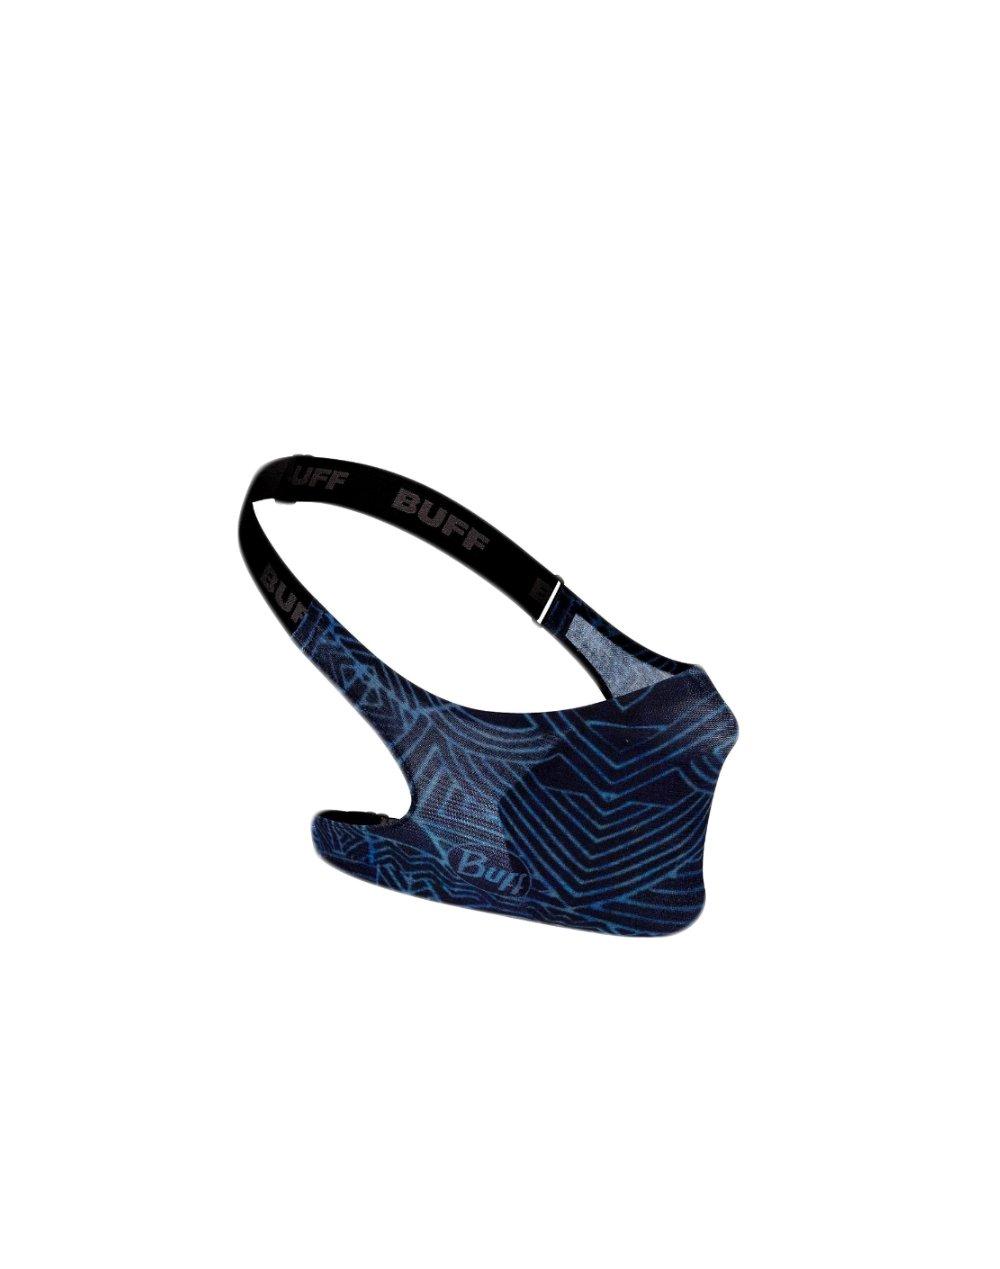 Buff Filter Mask Kids Kasai (126642.779.10.00) Night Blue